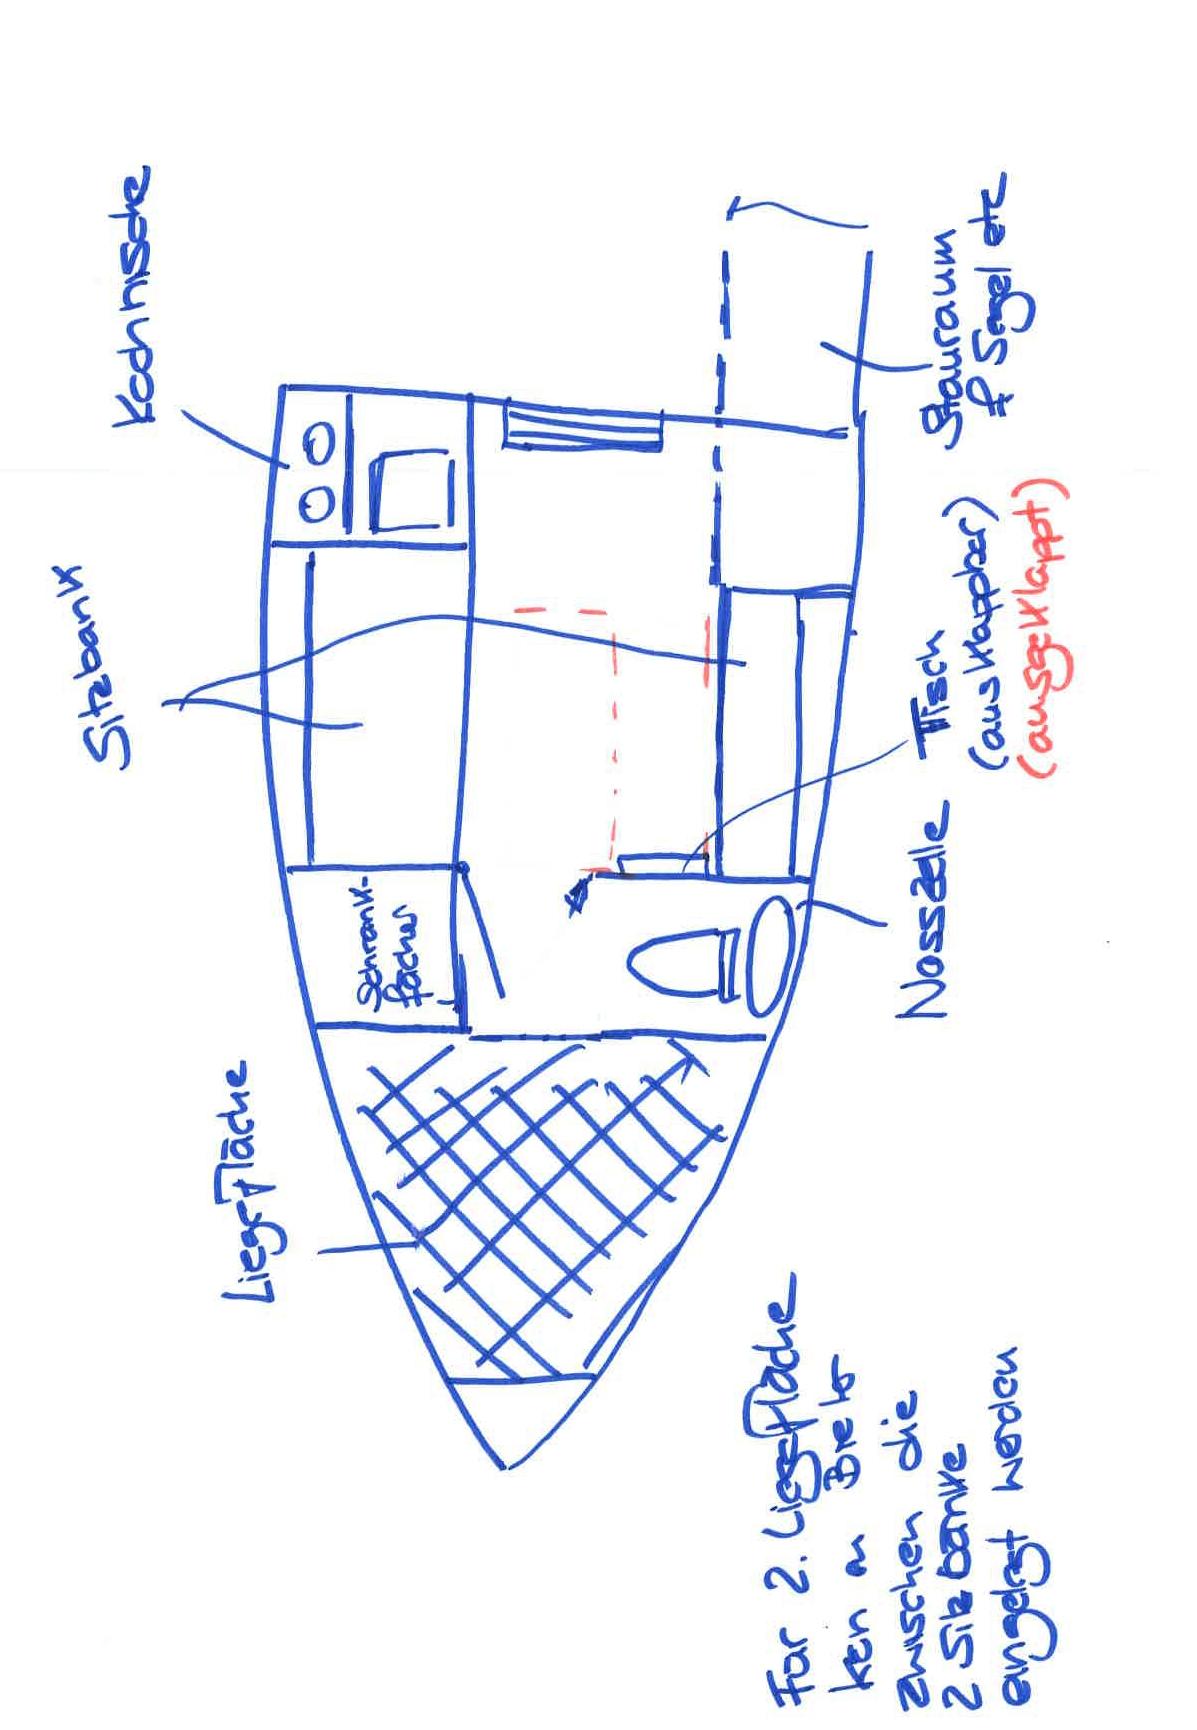 Grundriss- Innenraum (schematisch)